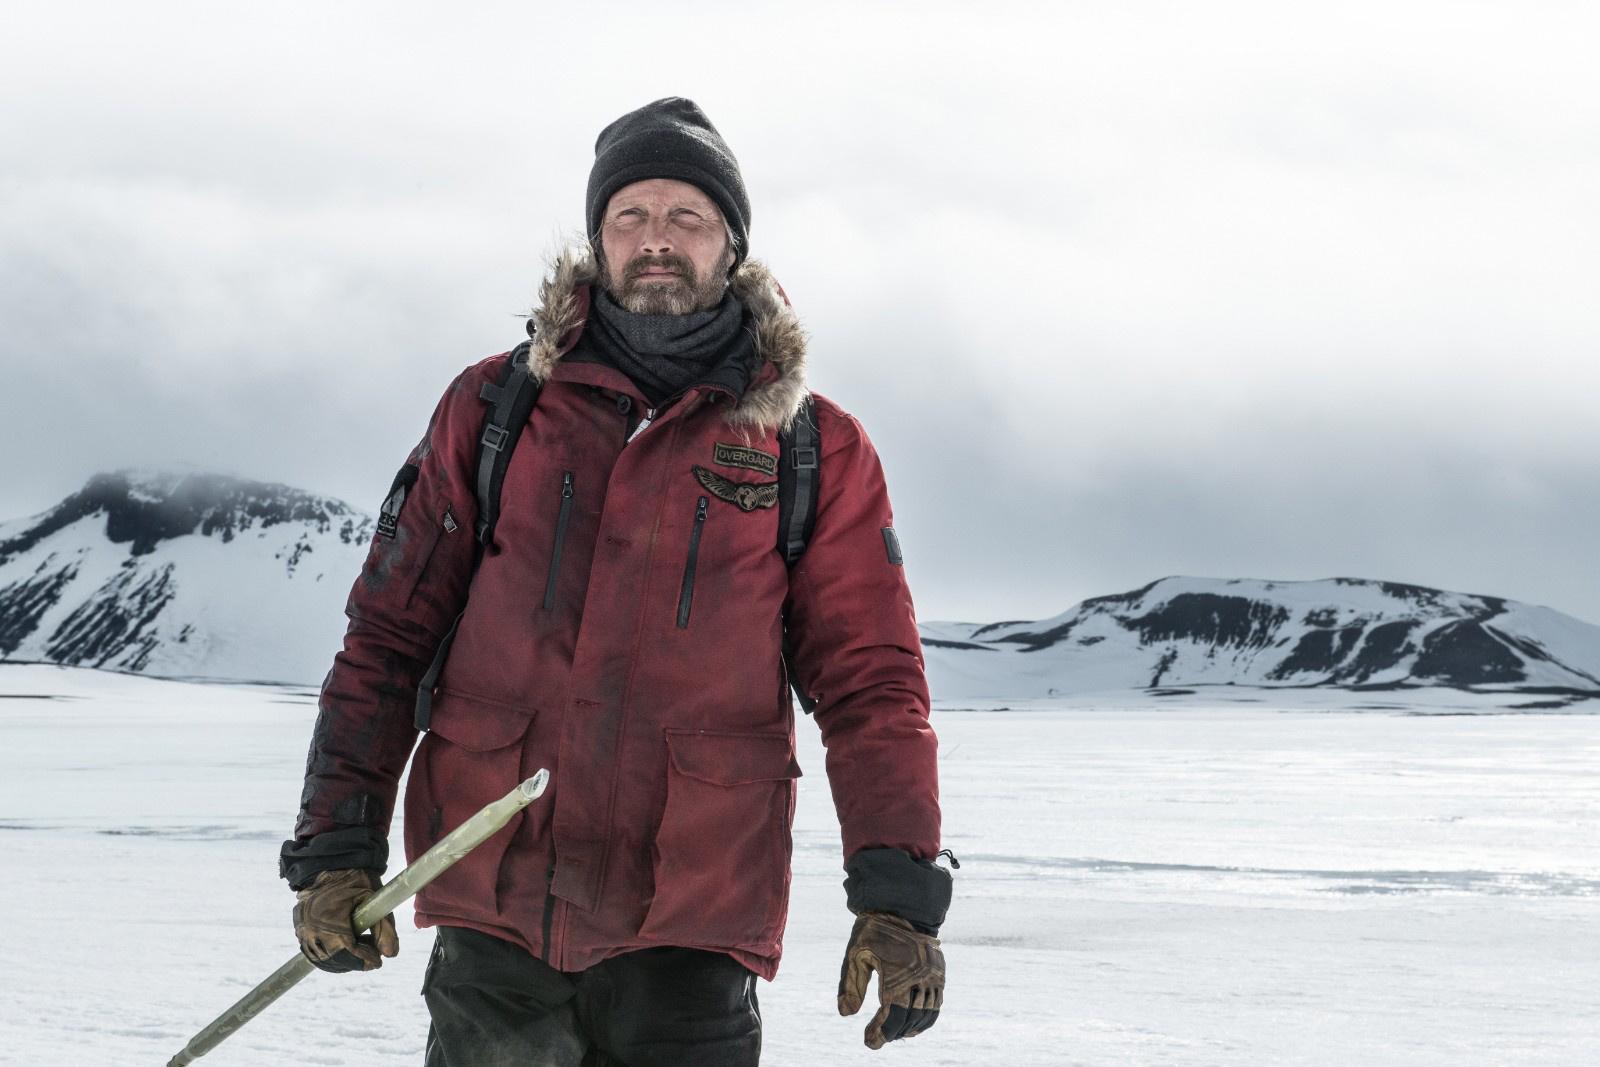 纪录片部落-纪录片从业者门户:《北极》曝光预告麦斯·米科尔森极地孤单求生